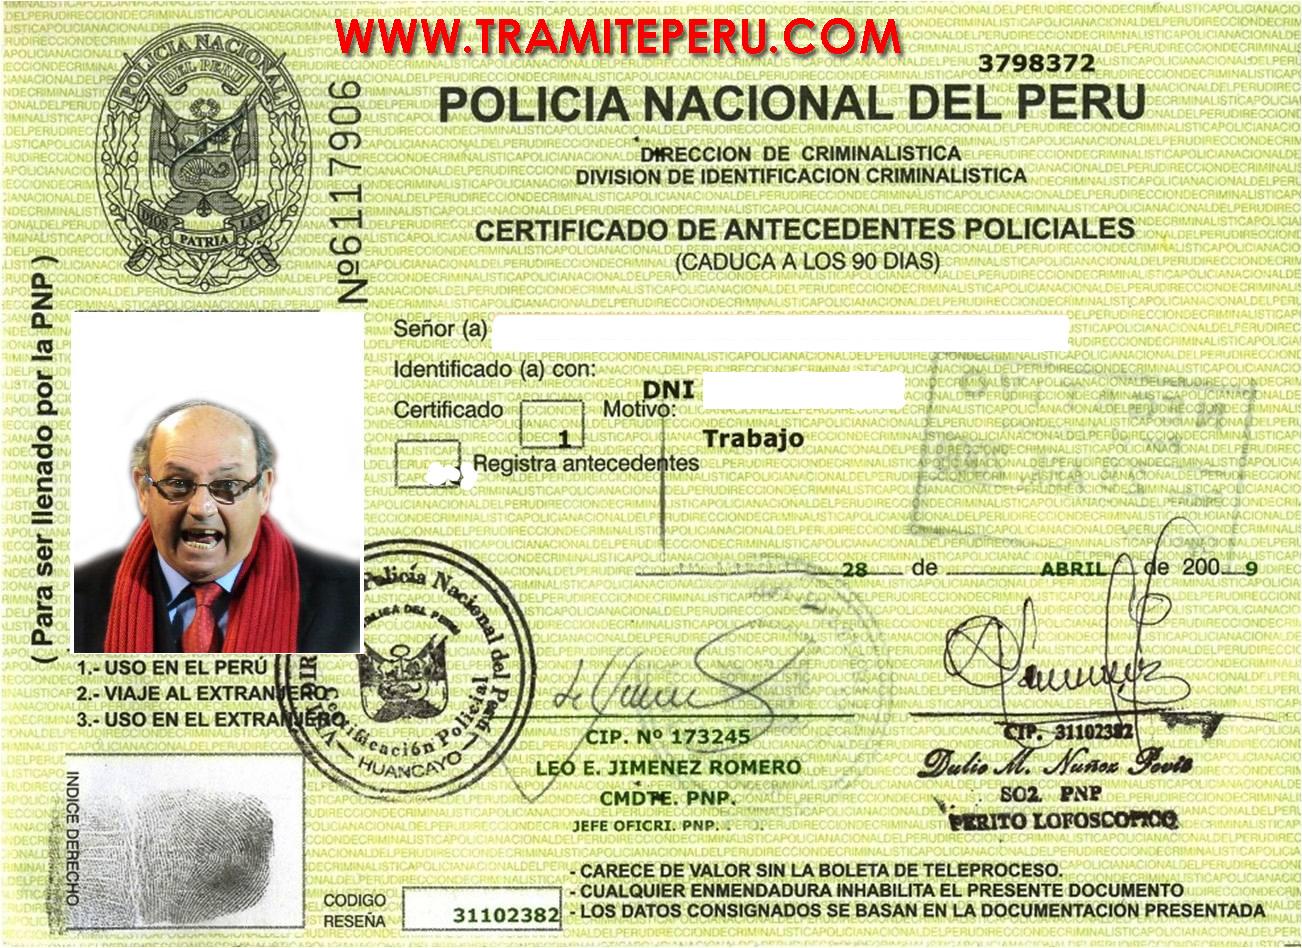 Tramite en peru tramites y documentos servicio al for Ministerio del interior antecedentes